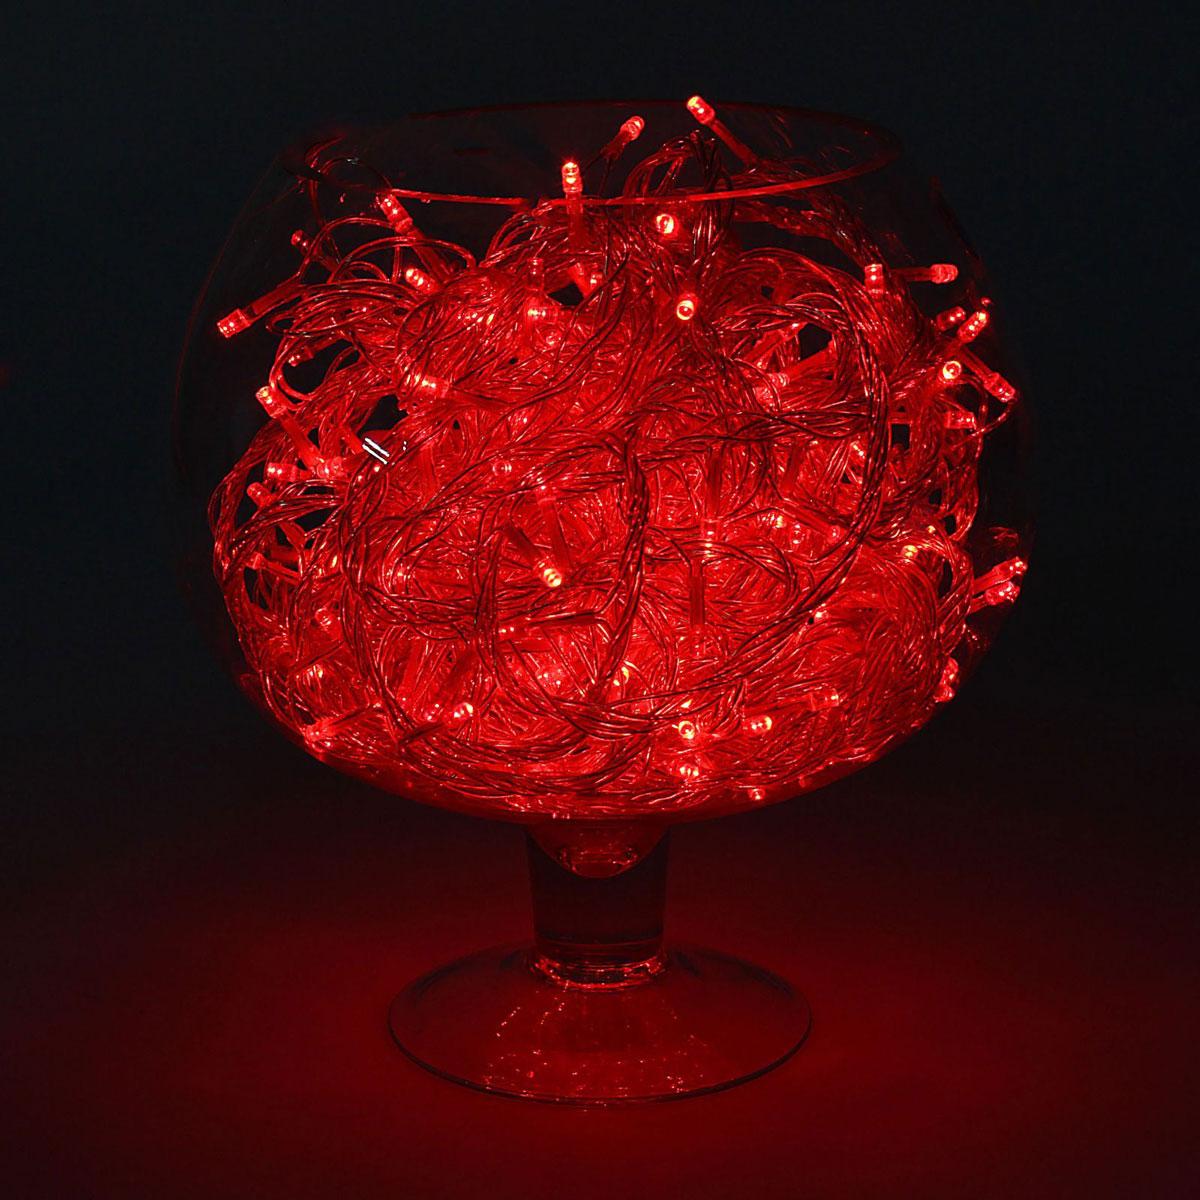 Гирлянда светодиодная Luazon Метраж, уличная, 8 режимов, 200 ламп, 220 V, 20 м, цвет: красный. 10800081080008Светодиодные гирлянды, ленты и т.д. — это отличный вариант для новогоднего оформления интерьера или фасада. С их помощью помещение любого размера можно превратить в праздничный зал, а внешние элементы зданий, украшенные ими, мгновенно станут напоминать очертания сказочного дворца. Такие украшения создают ауру предвкушения чуда. Деревья, фасады, витрины, окна и арки будто специально созданы, чтобы вы украсили их светящимися нитями.